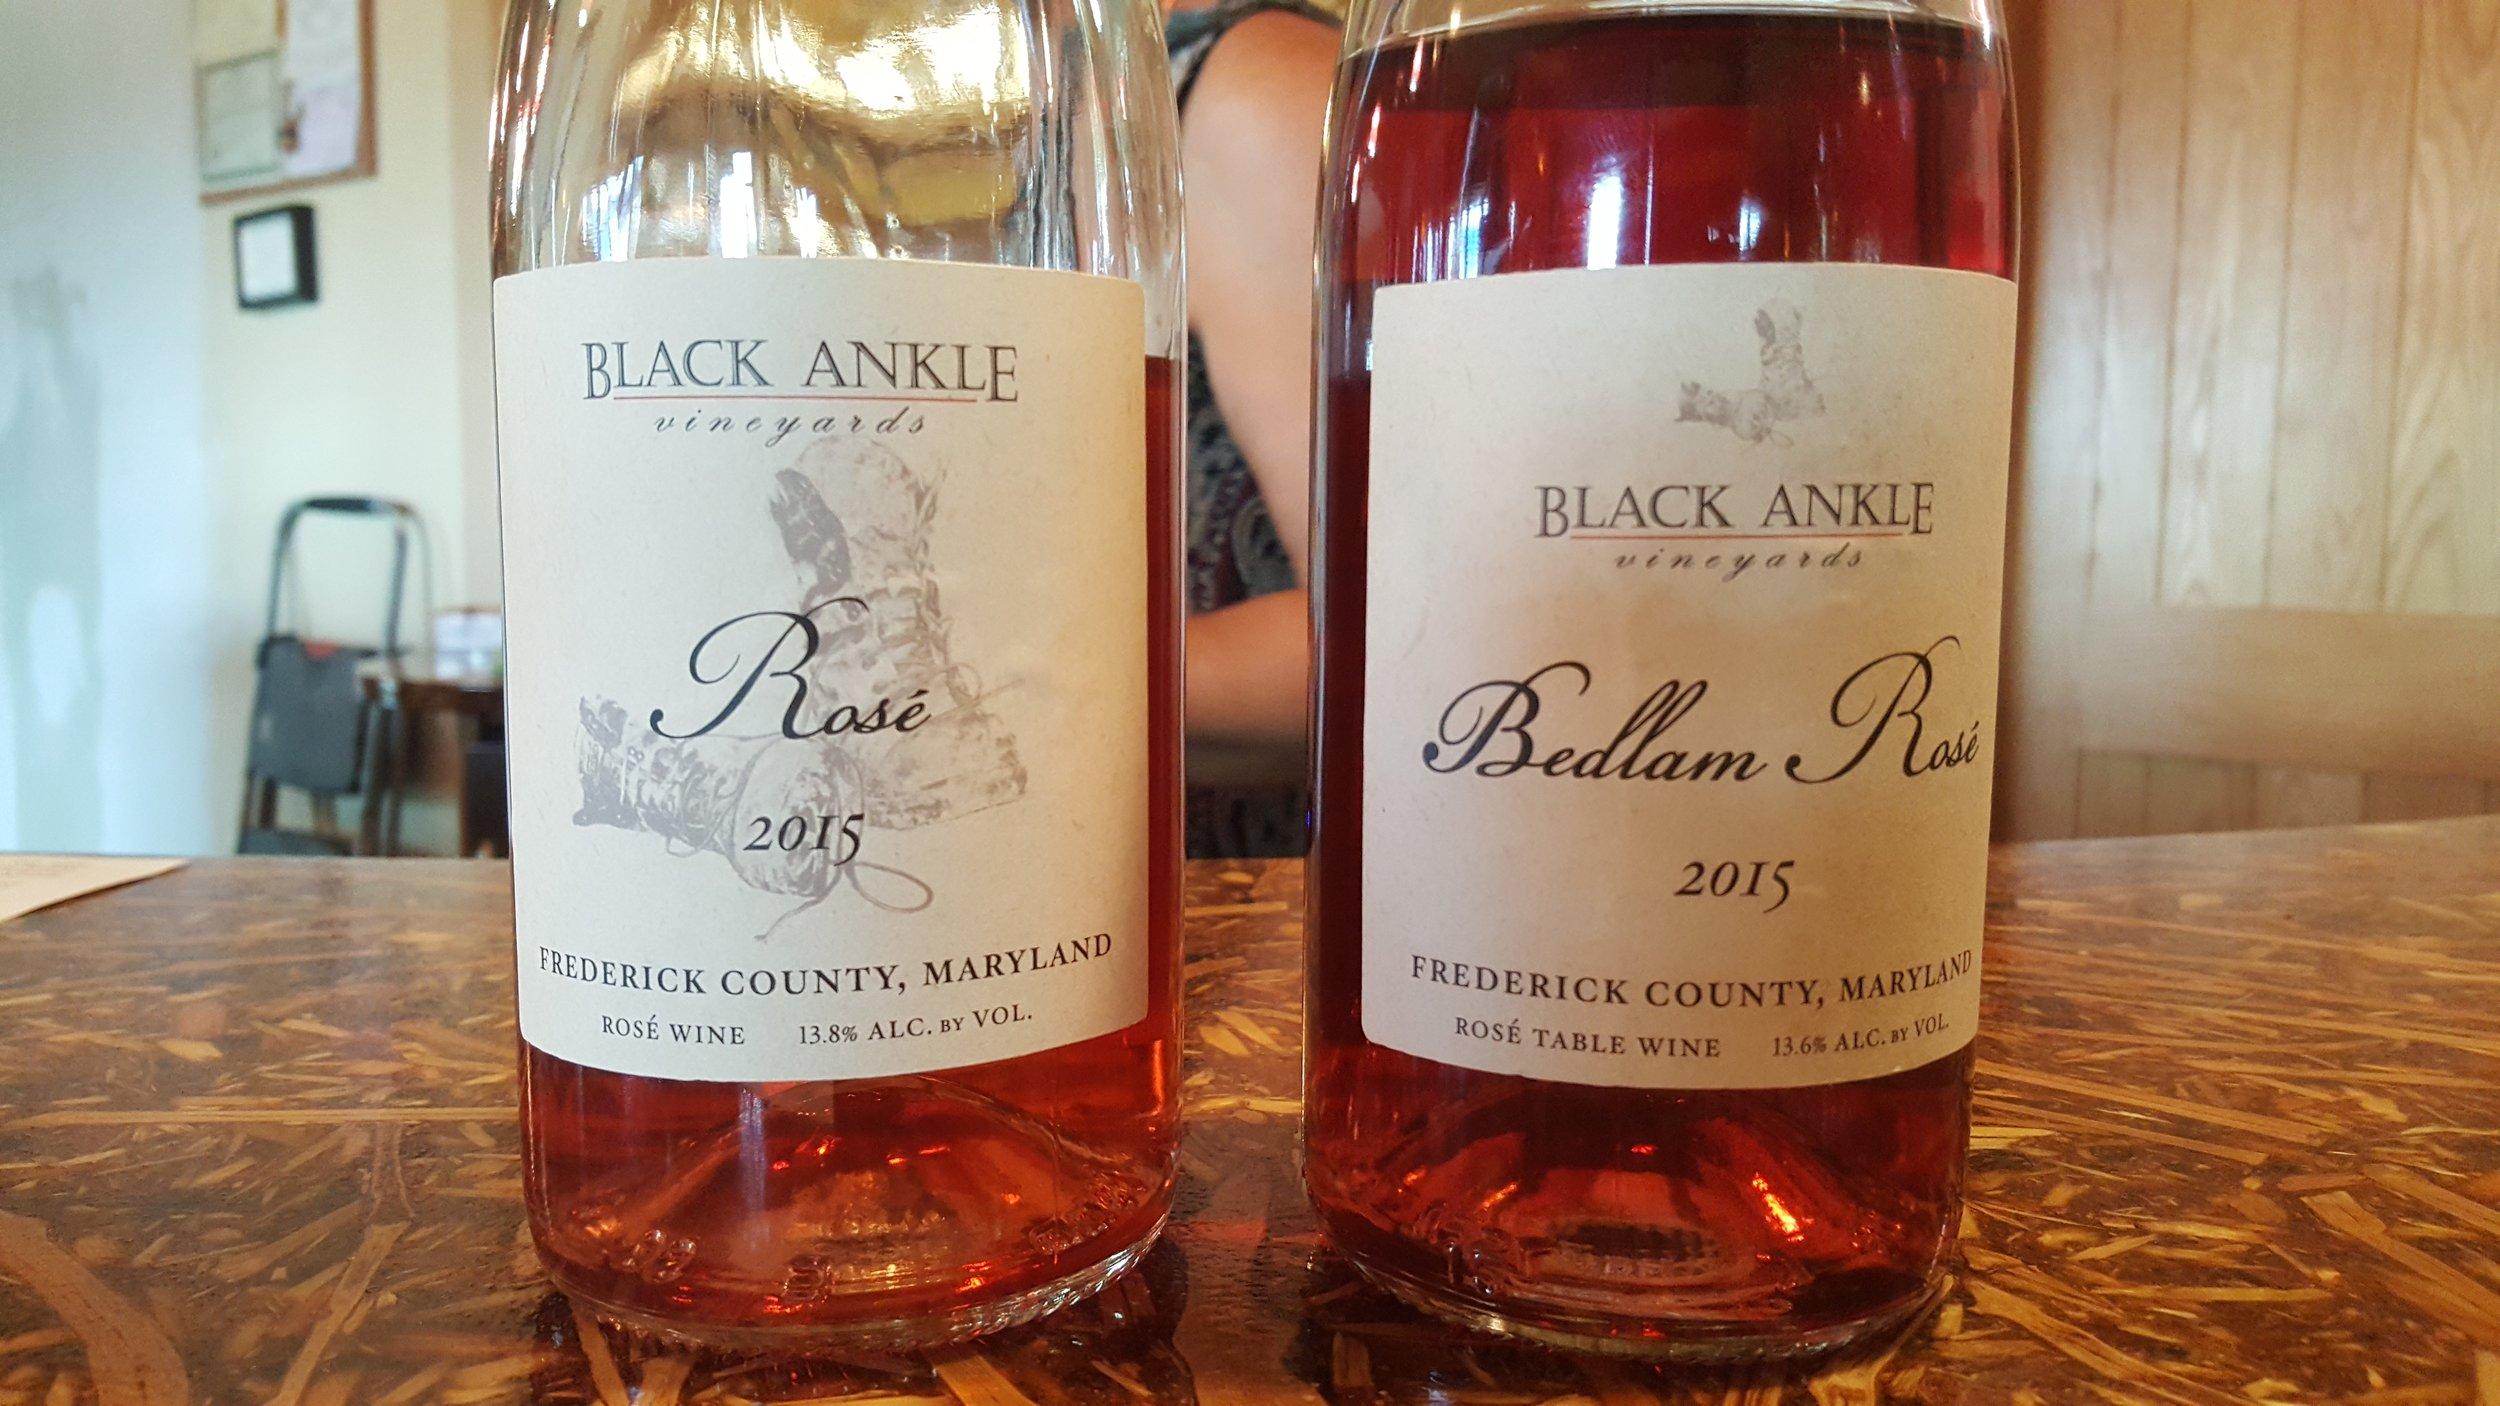 Black Ankle Vineyards Wines